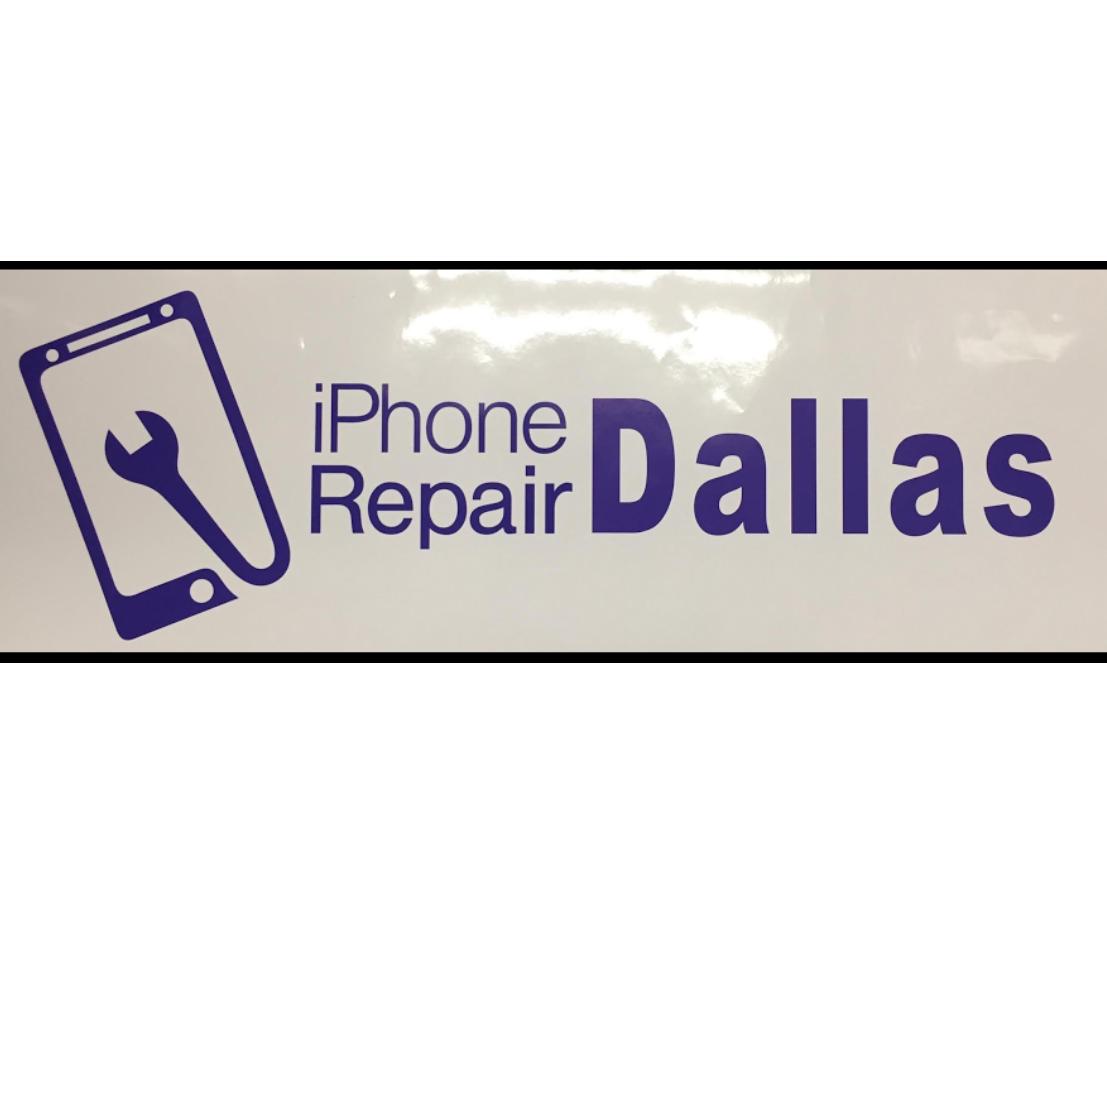 iPhone Repair Dallas